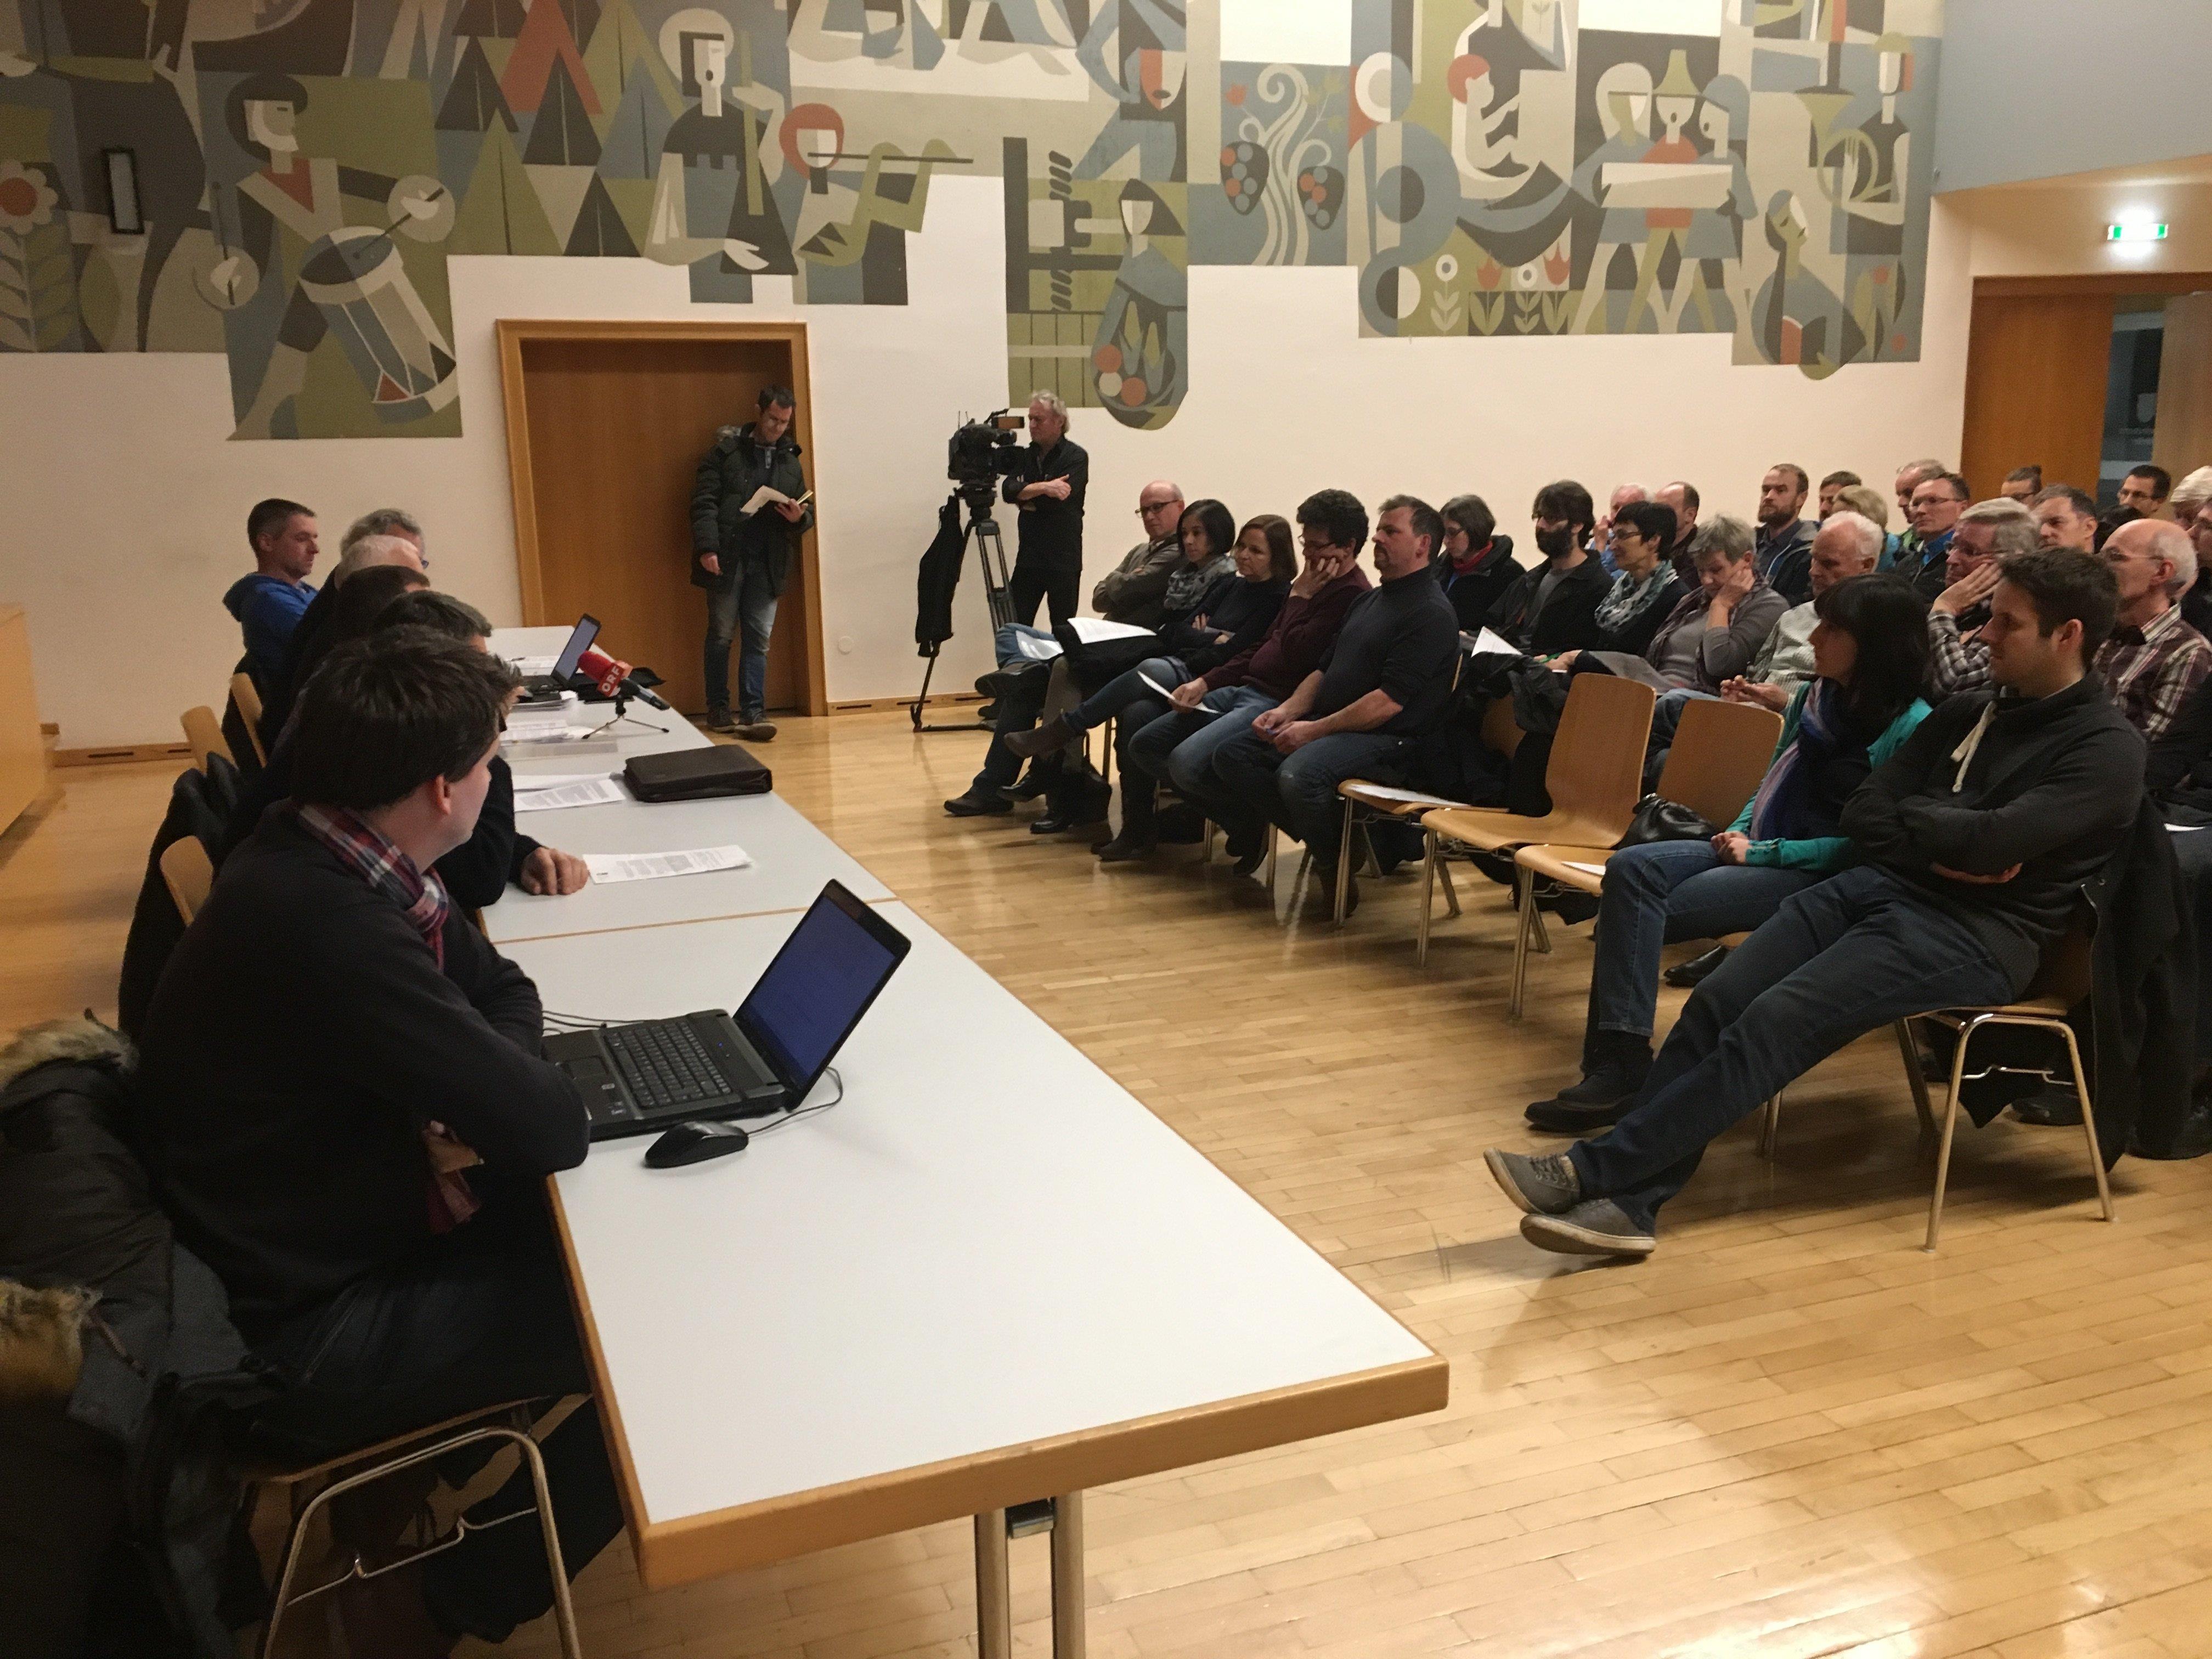 Der Gemeindevorstand von Weiler stellte sich am Montag der Diskussion mit rund 50 Bürgern.